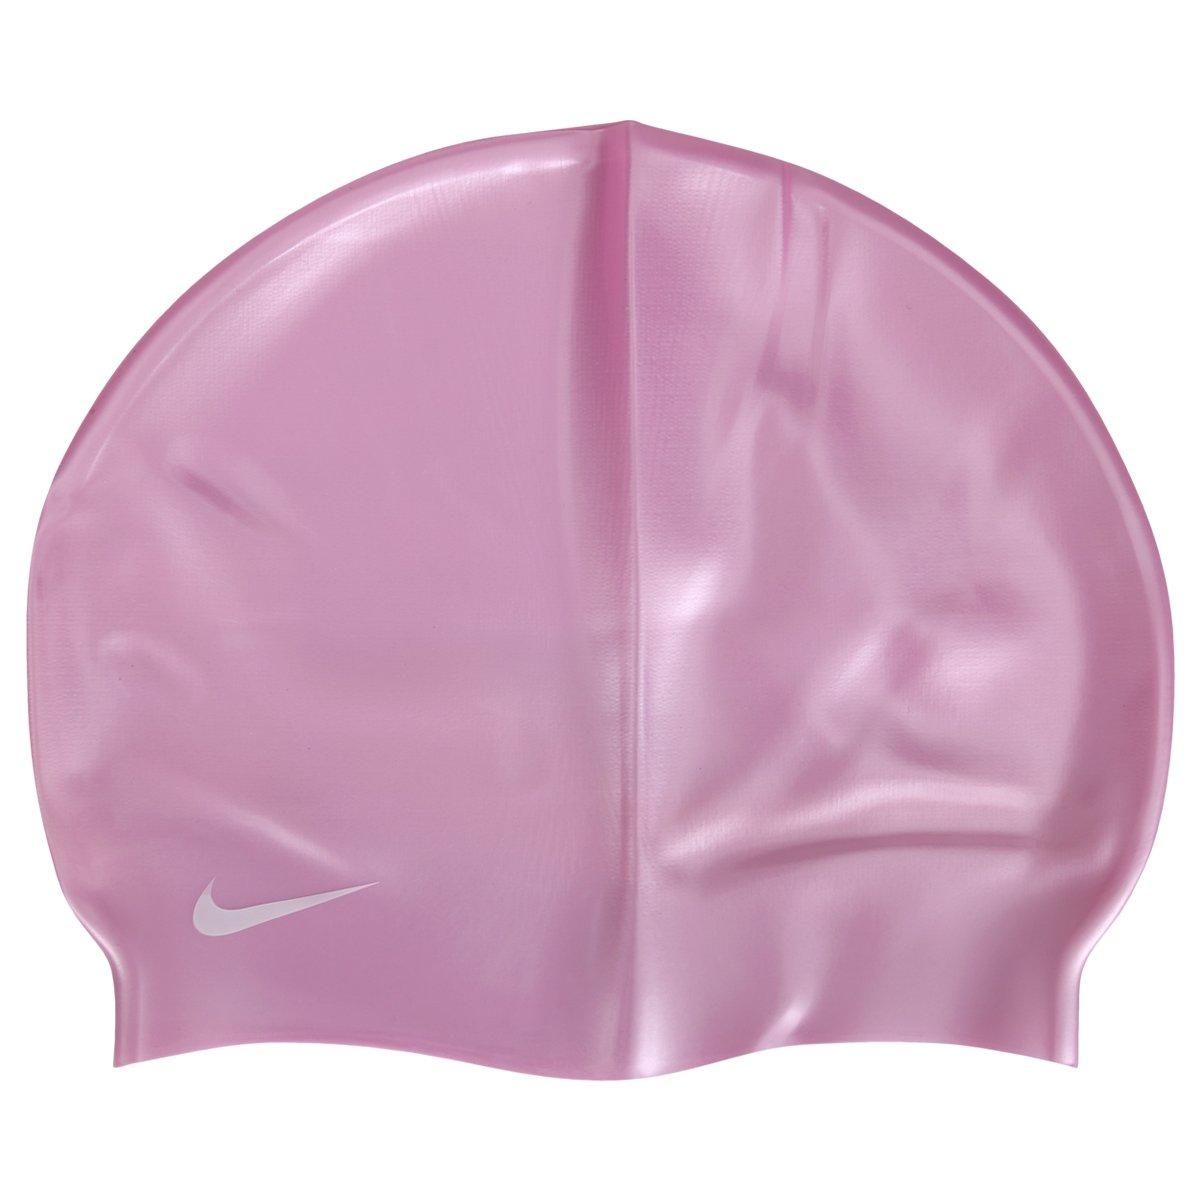 73323972f691c Touca de Silicone Nike Solid - Compre Agora